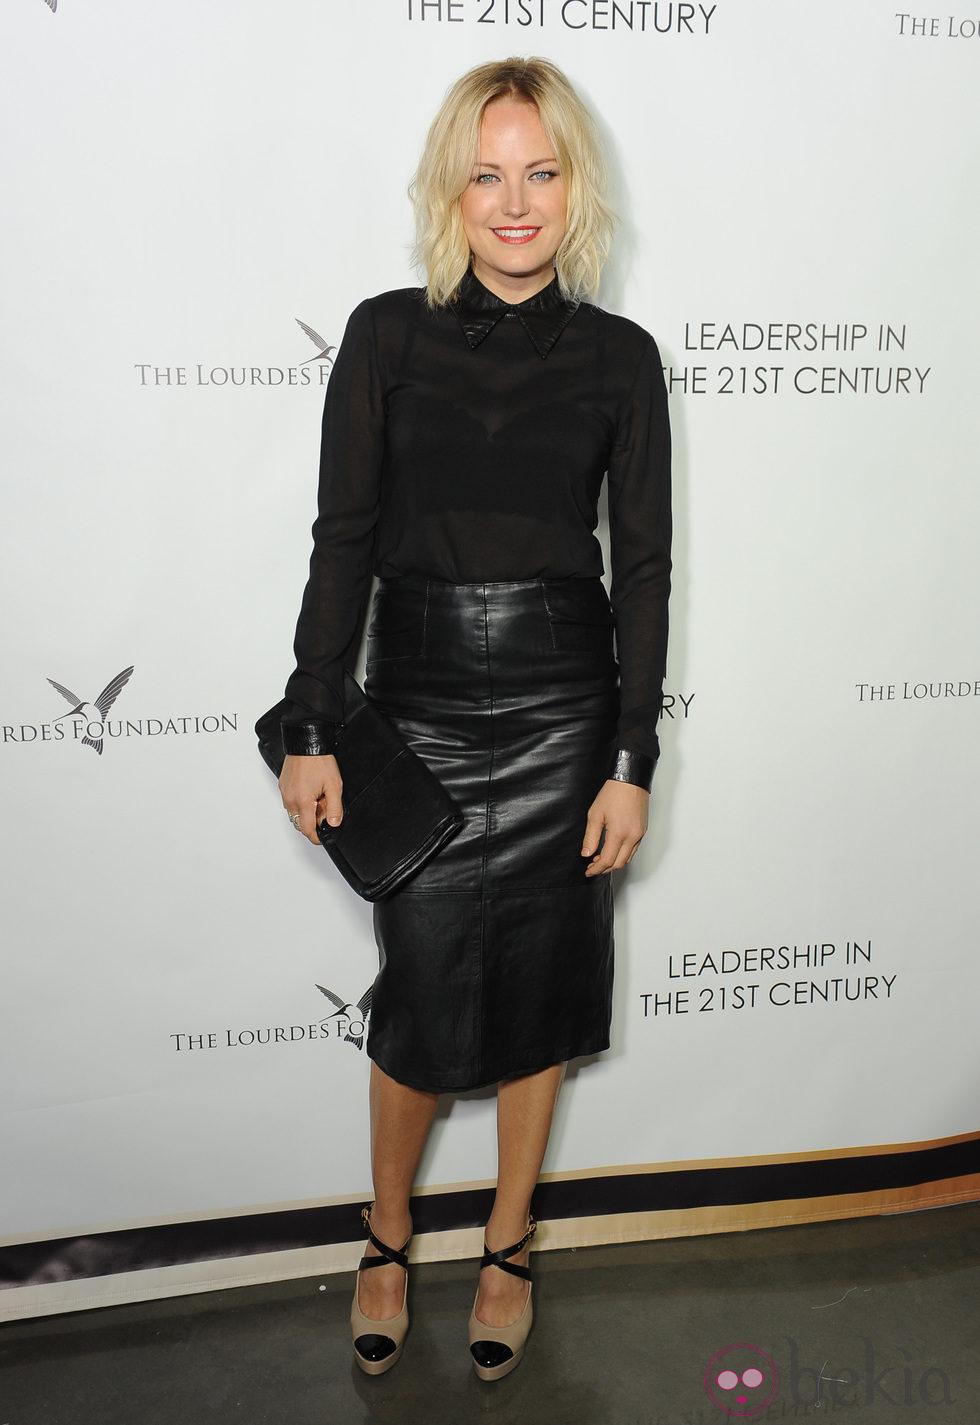 Malin Akerman en un acto organizado por la Fundación Lourdes en Los Angeles para conocer al Dalai Lama